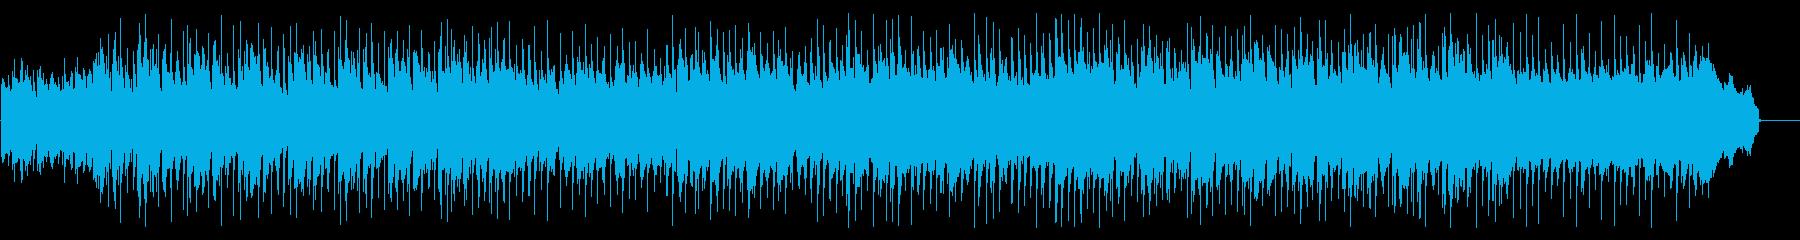 お気楽な雰囲気のカントリージャズの再生済みの波形